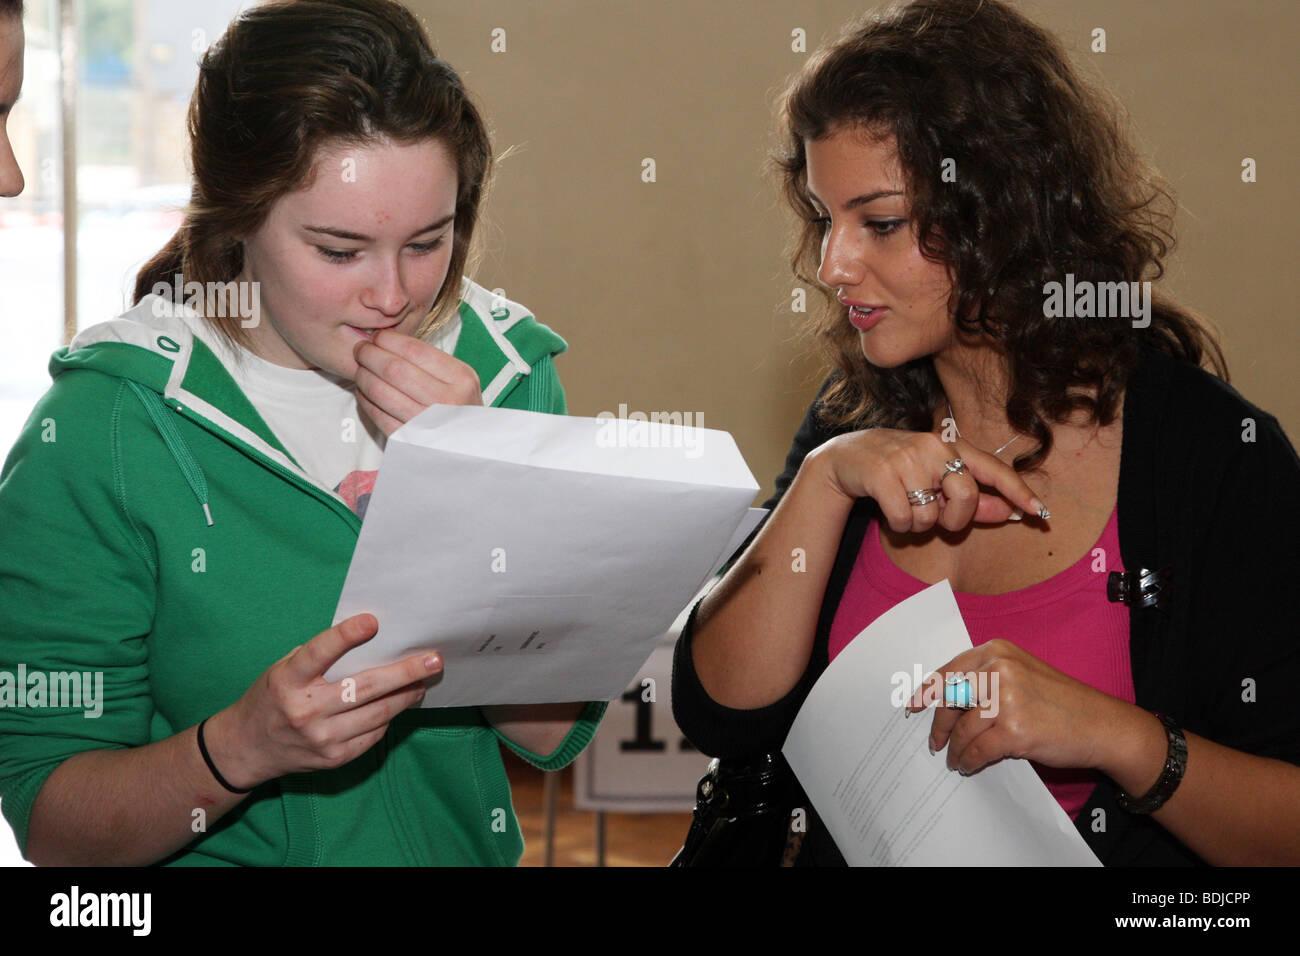 Die Studierenden erhalten ihre GSCE-Prüfungsergebnisse Stockbild